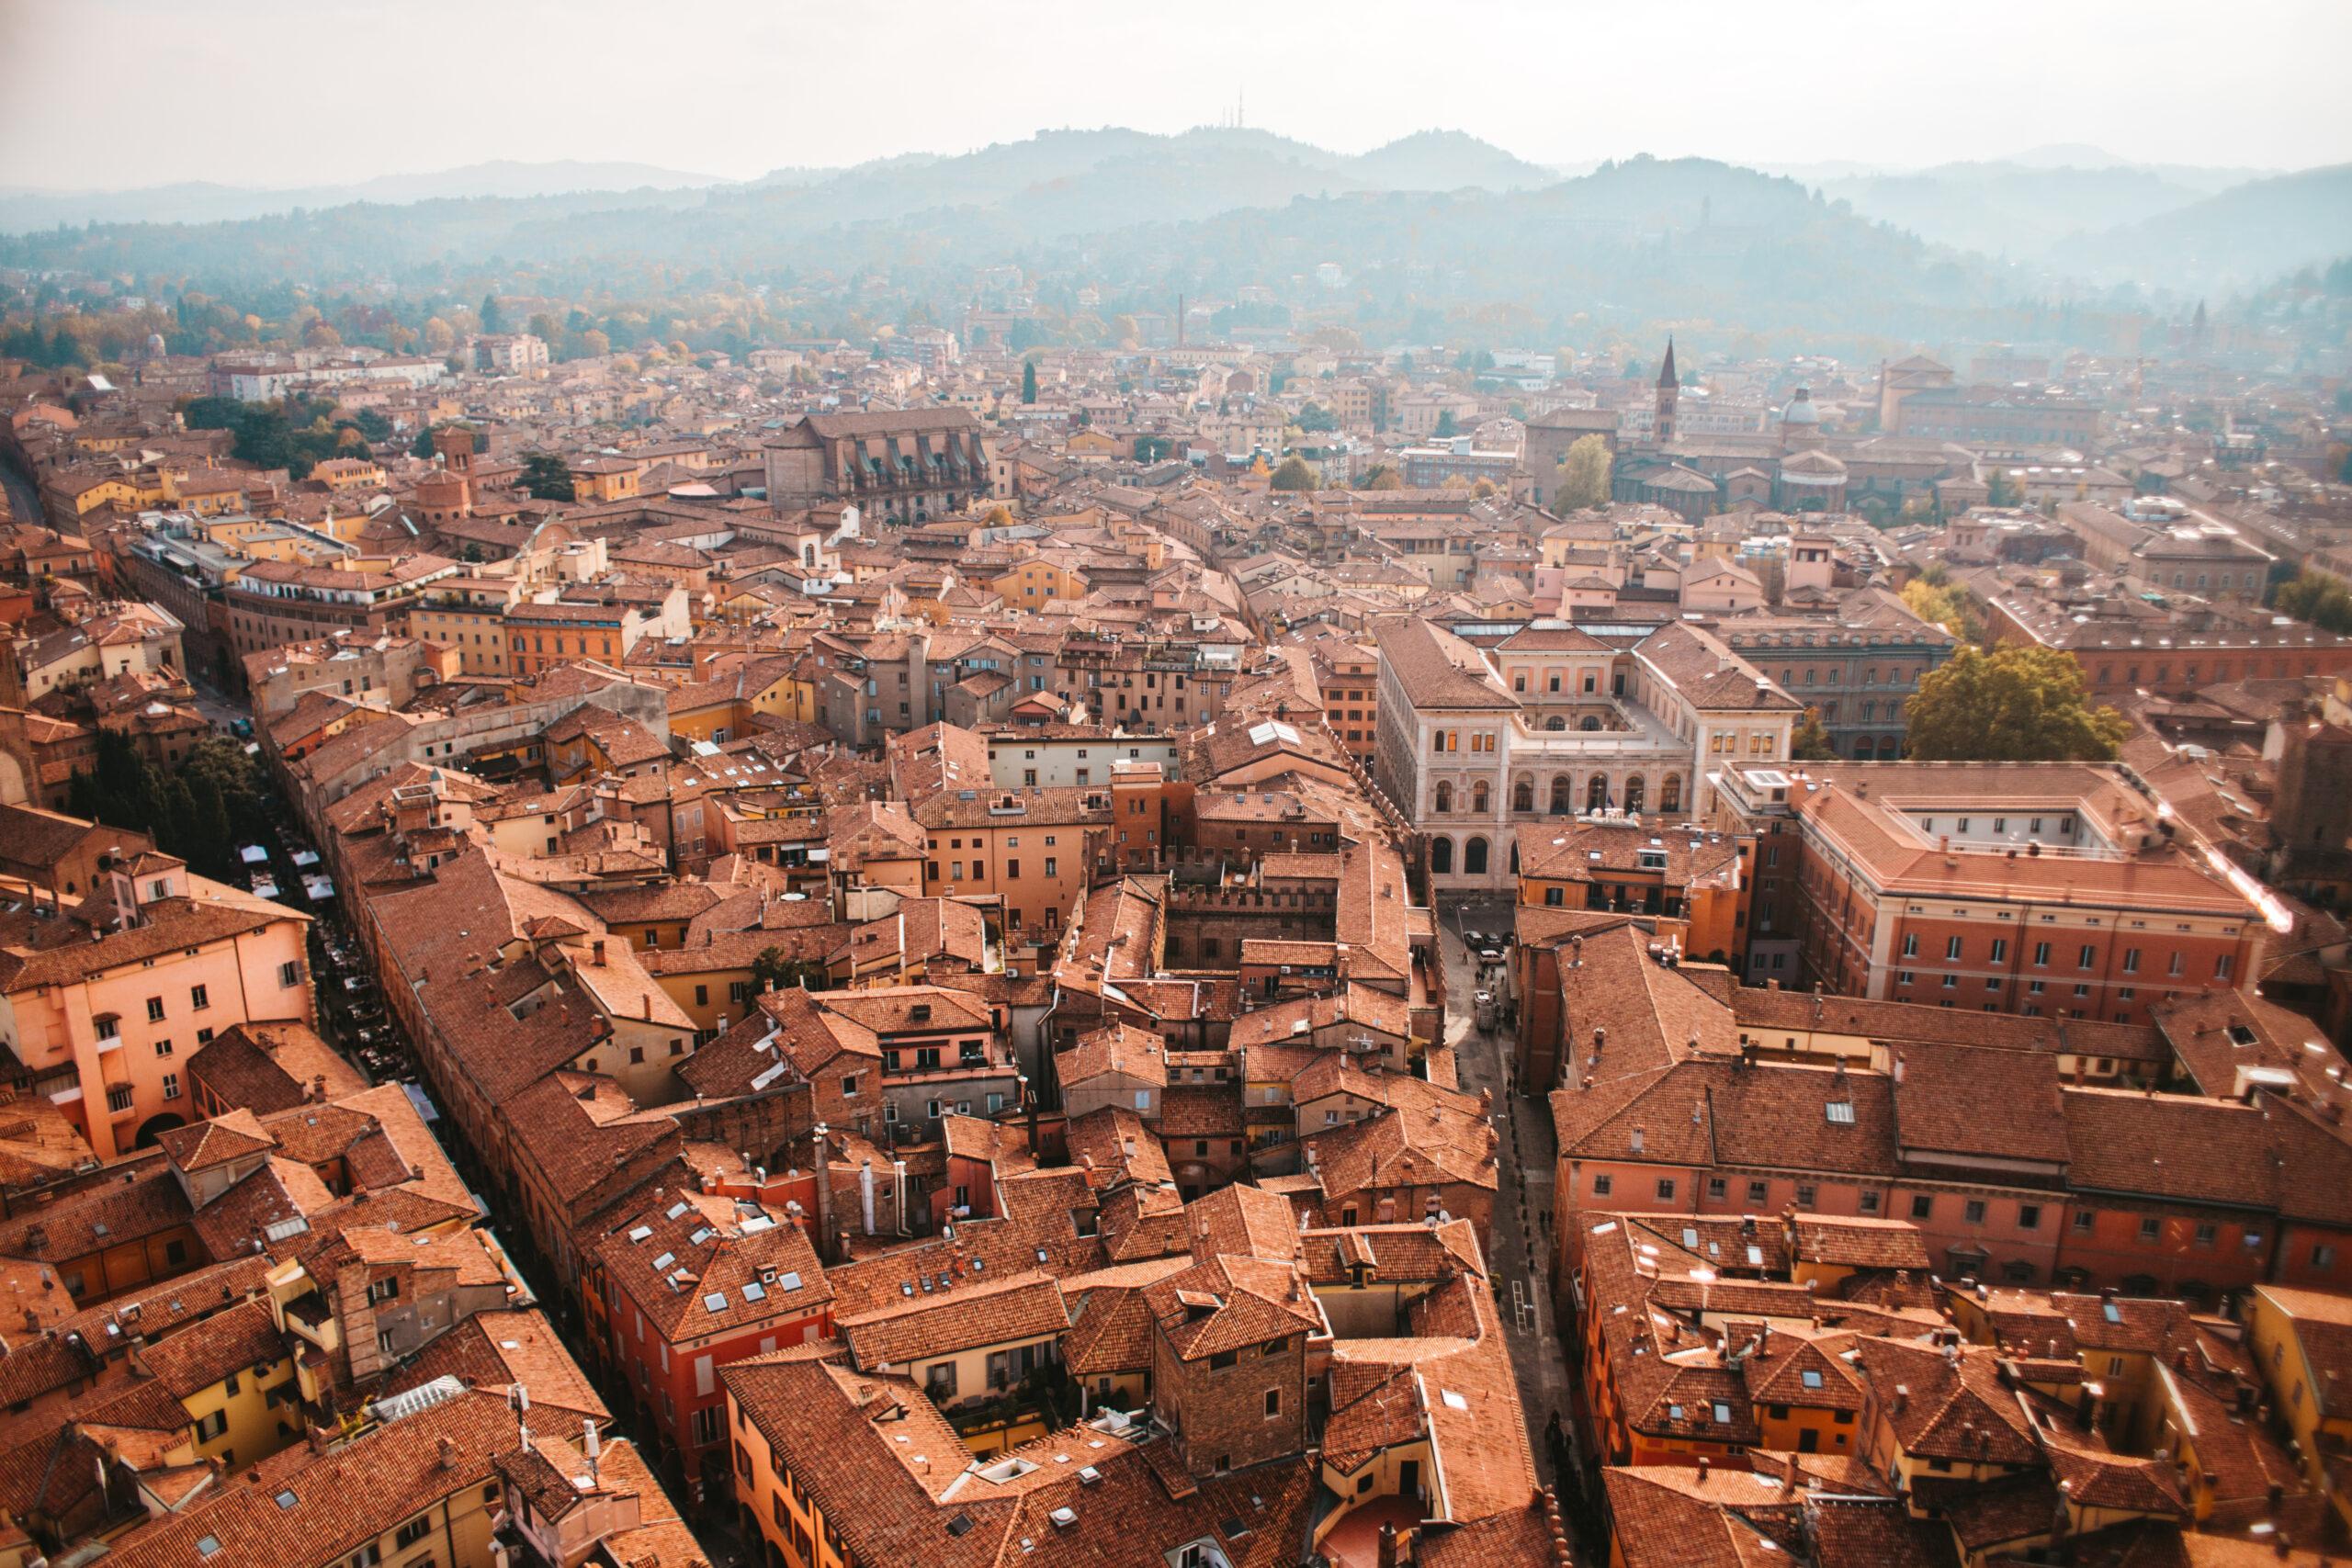 Bolonia atrakcje co zobaczyć la rossa Bologna Italy due torri dwie wieże w Bolonii